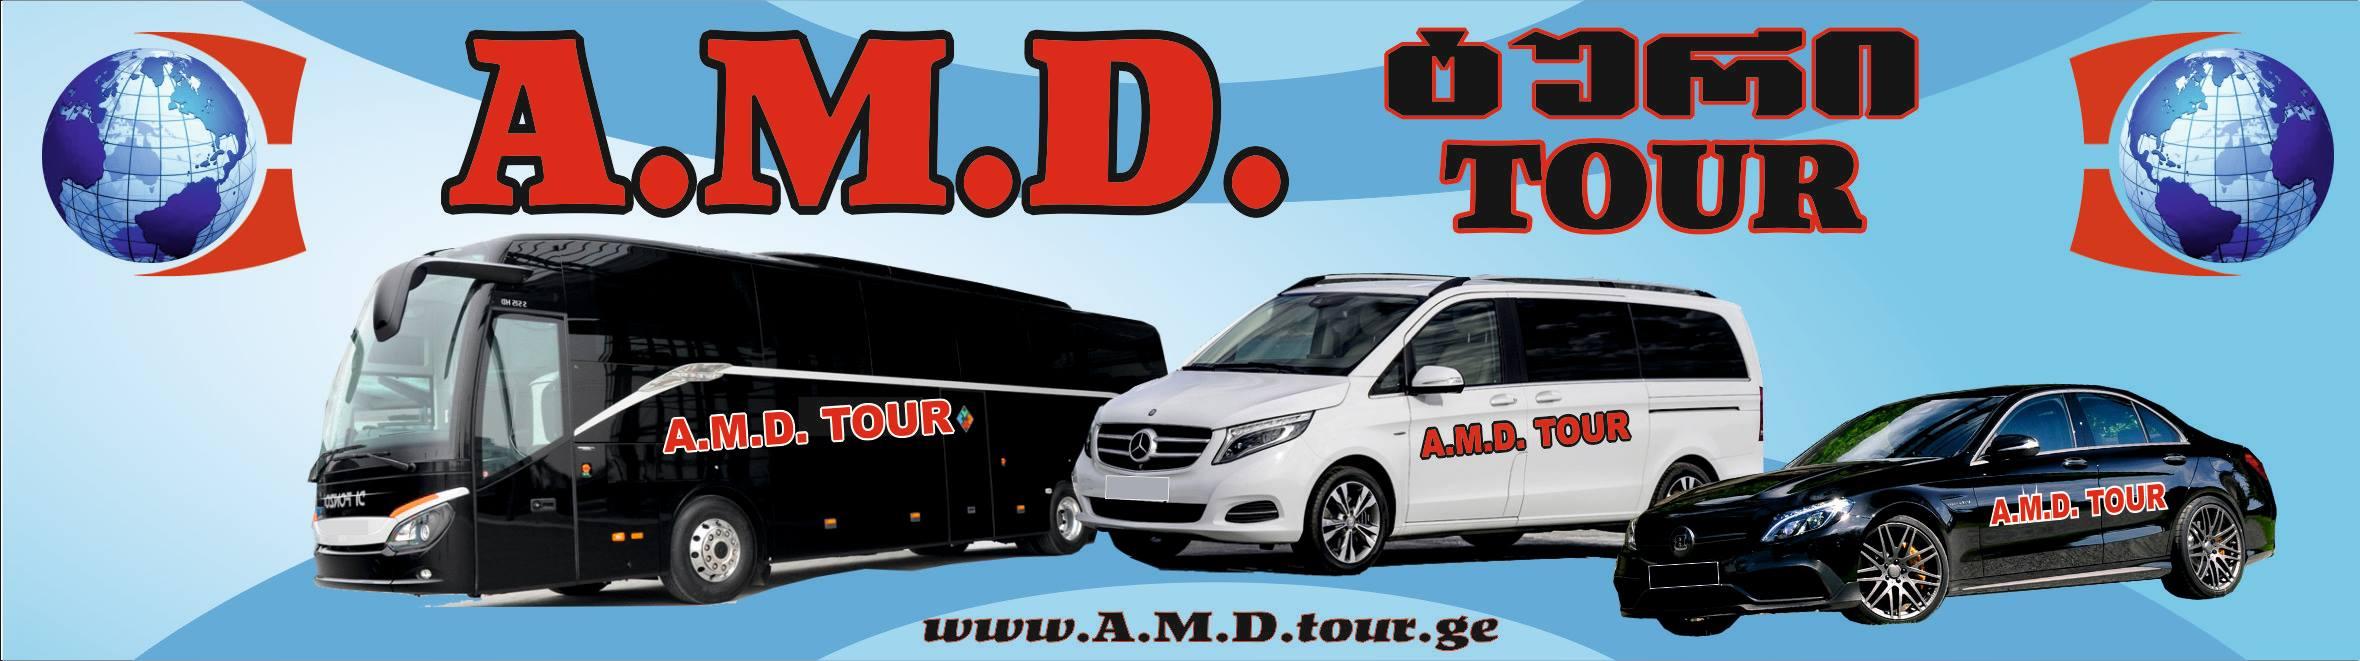 Amd Tour Georgia